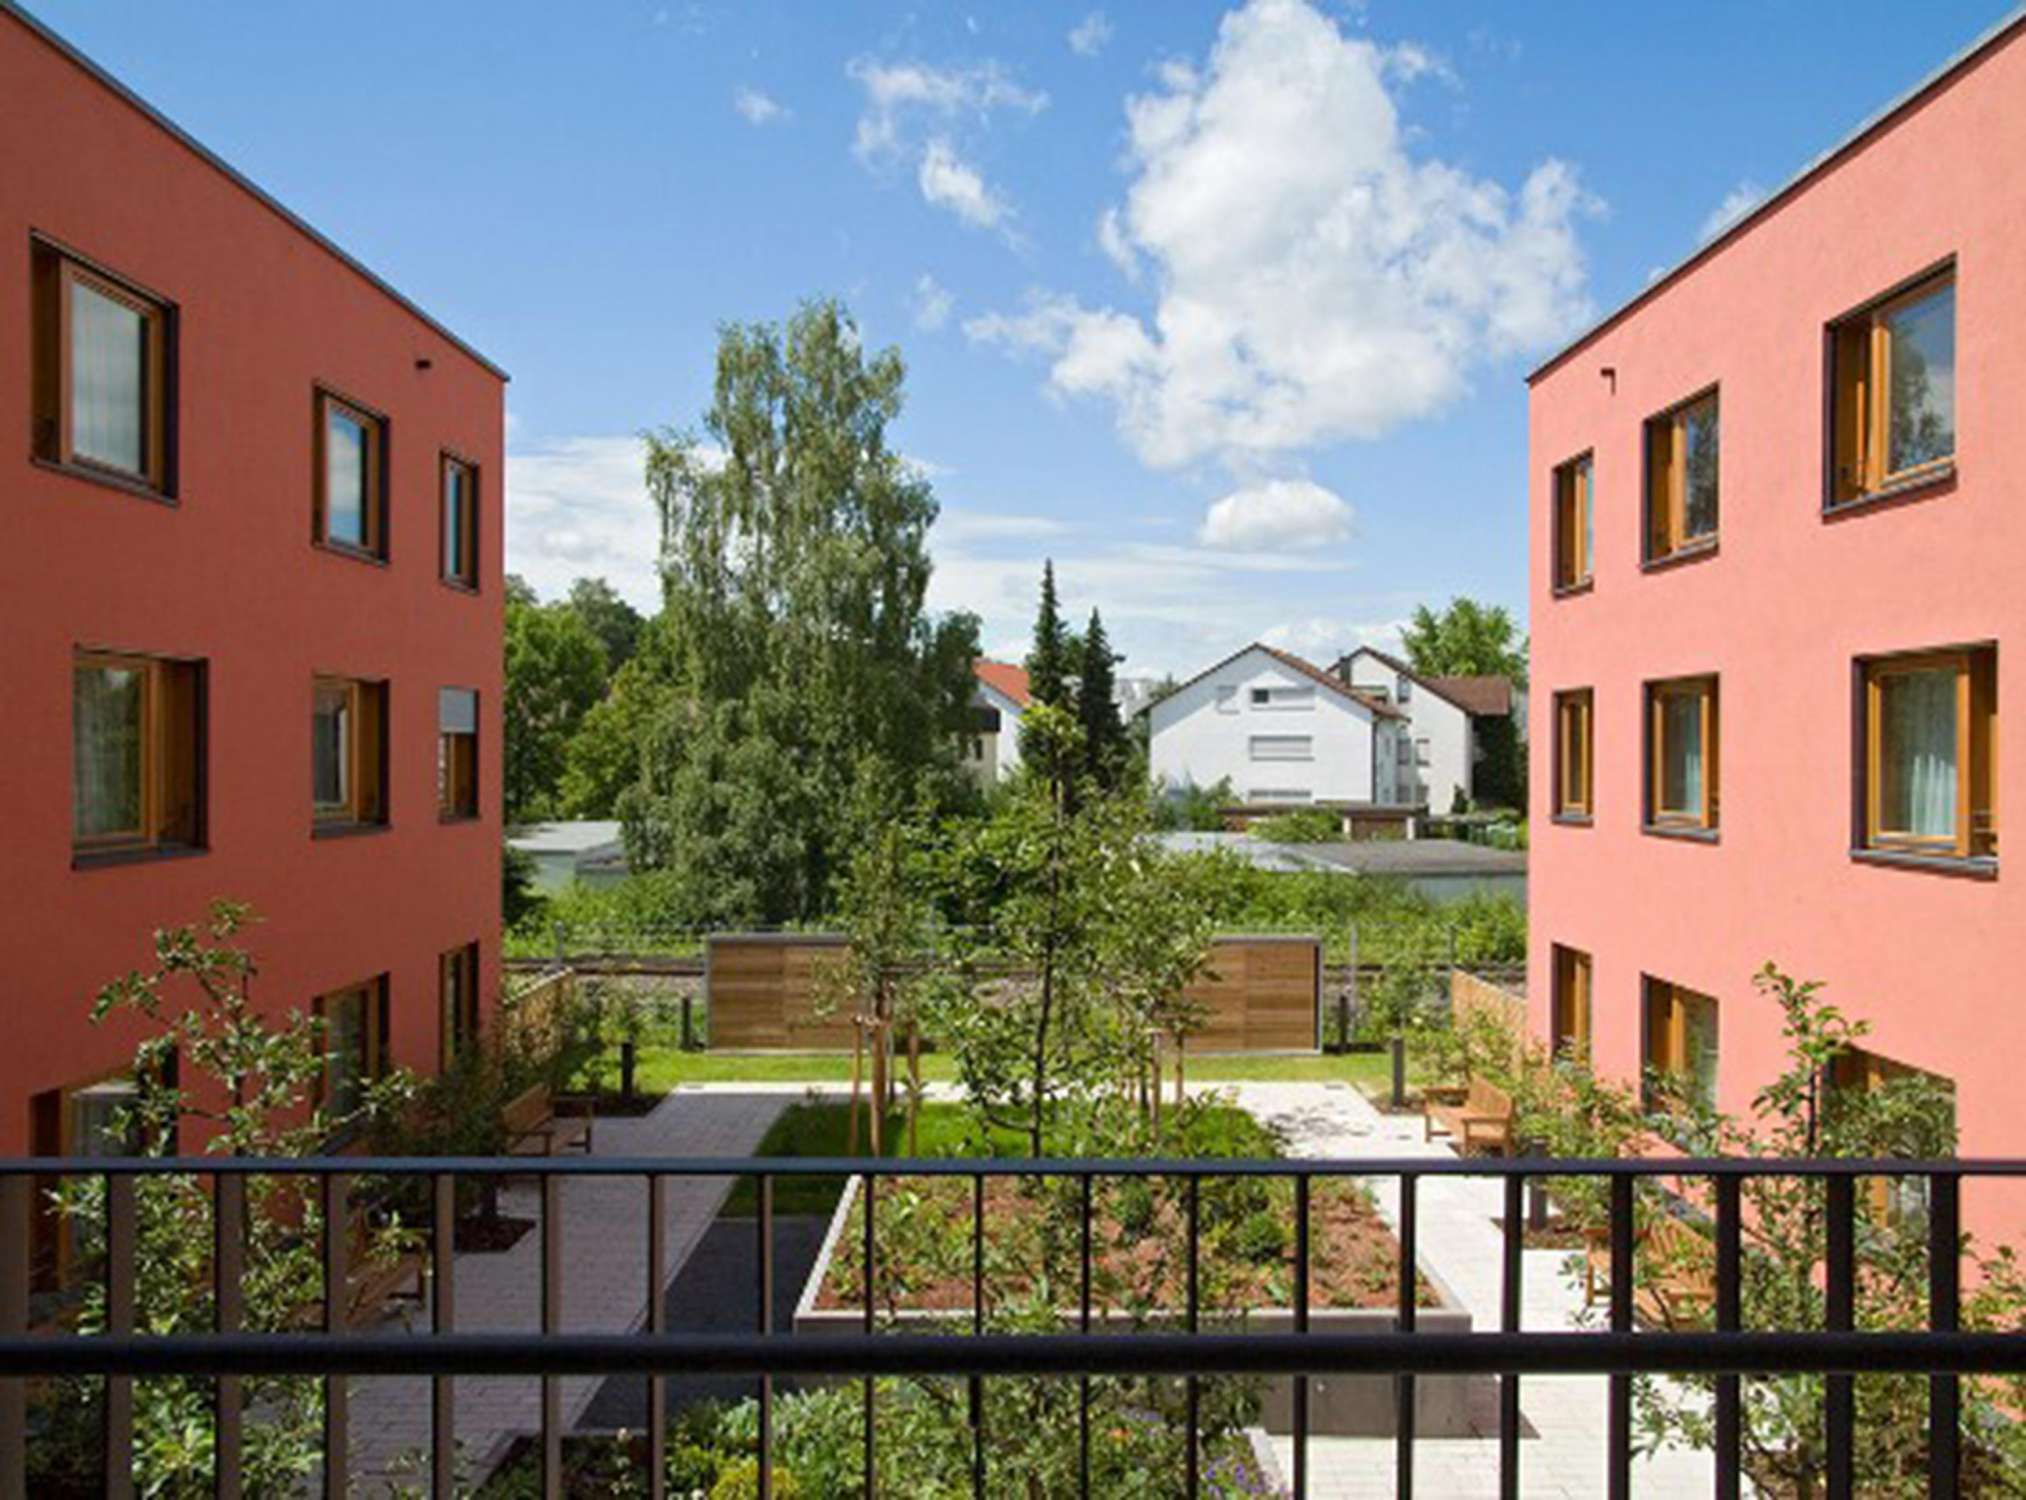 Wohn- und Pflegeverbund Mühlenviertel (2)